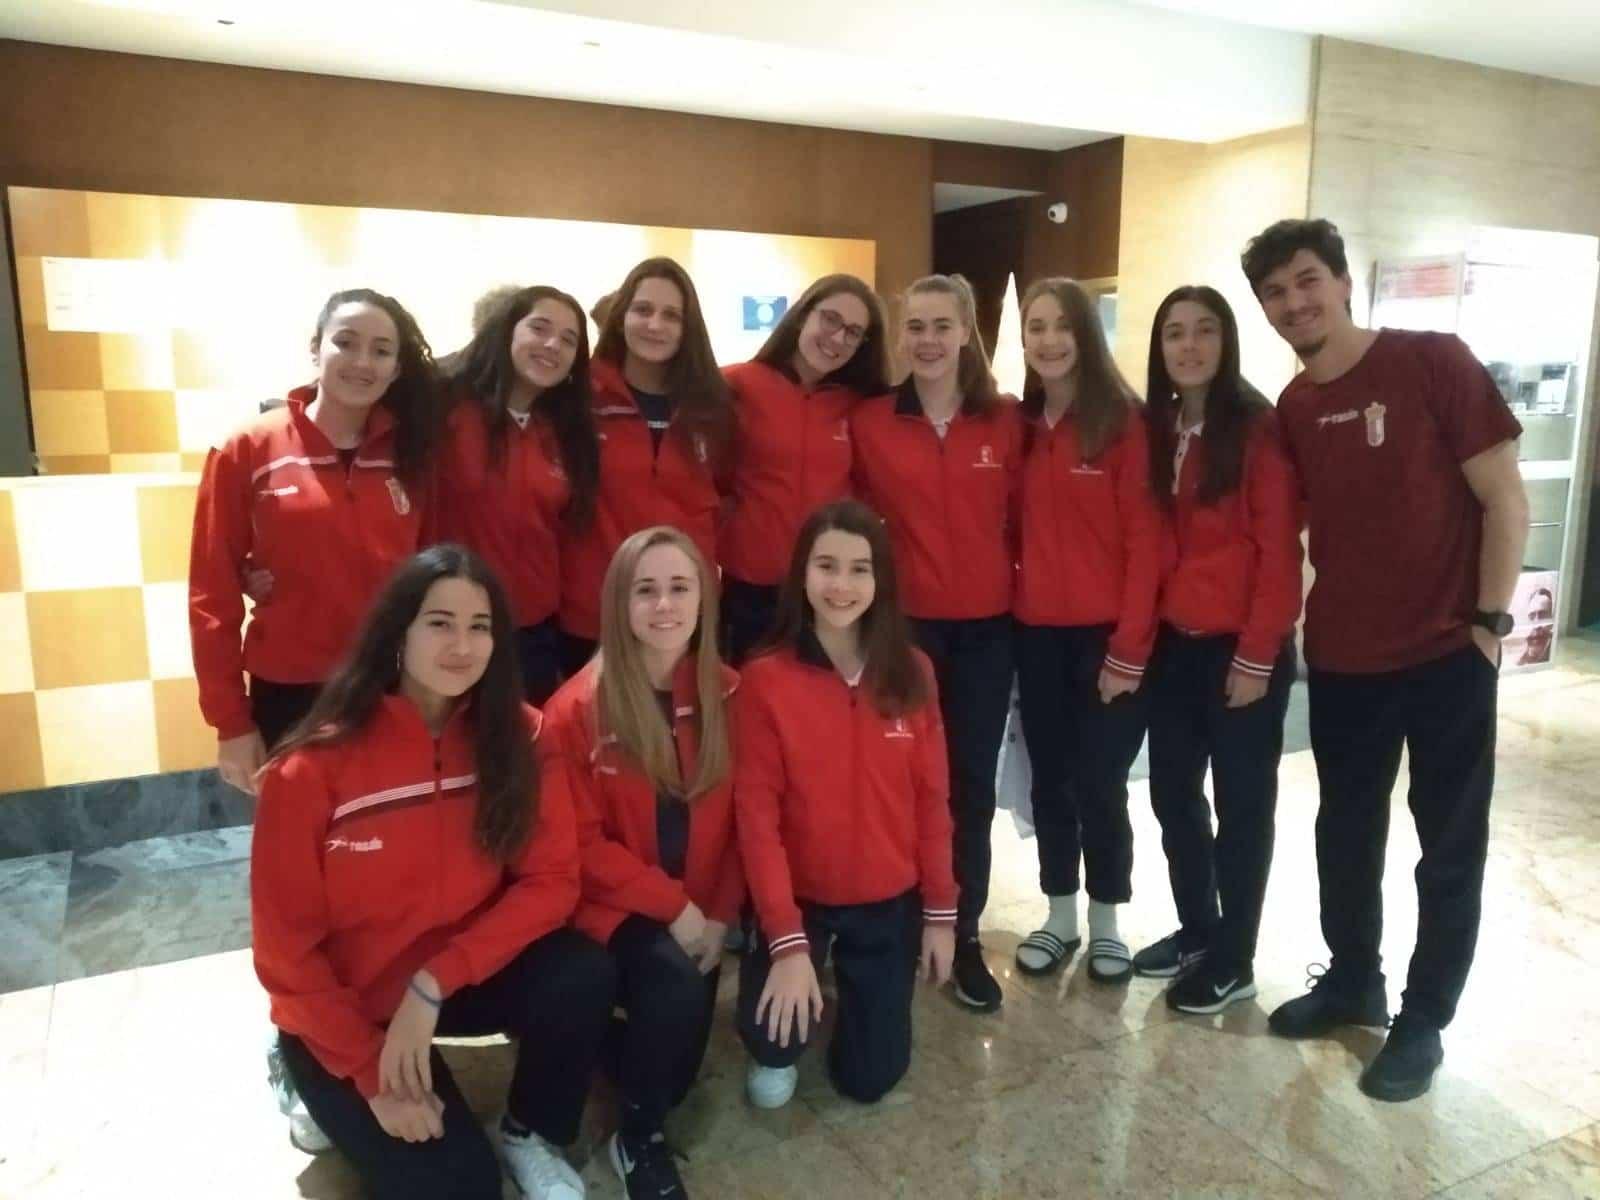 balonmano herencia en campeonato espana - A cuartos de final el combinado infantil en el Campeonato de España de Balonmano